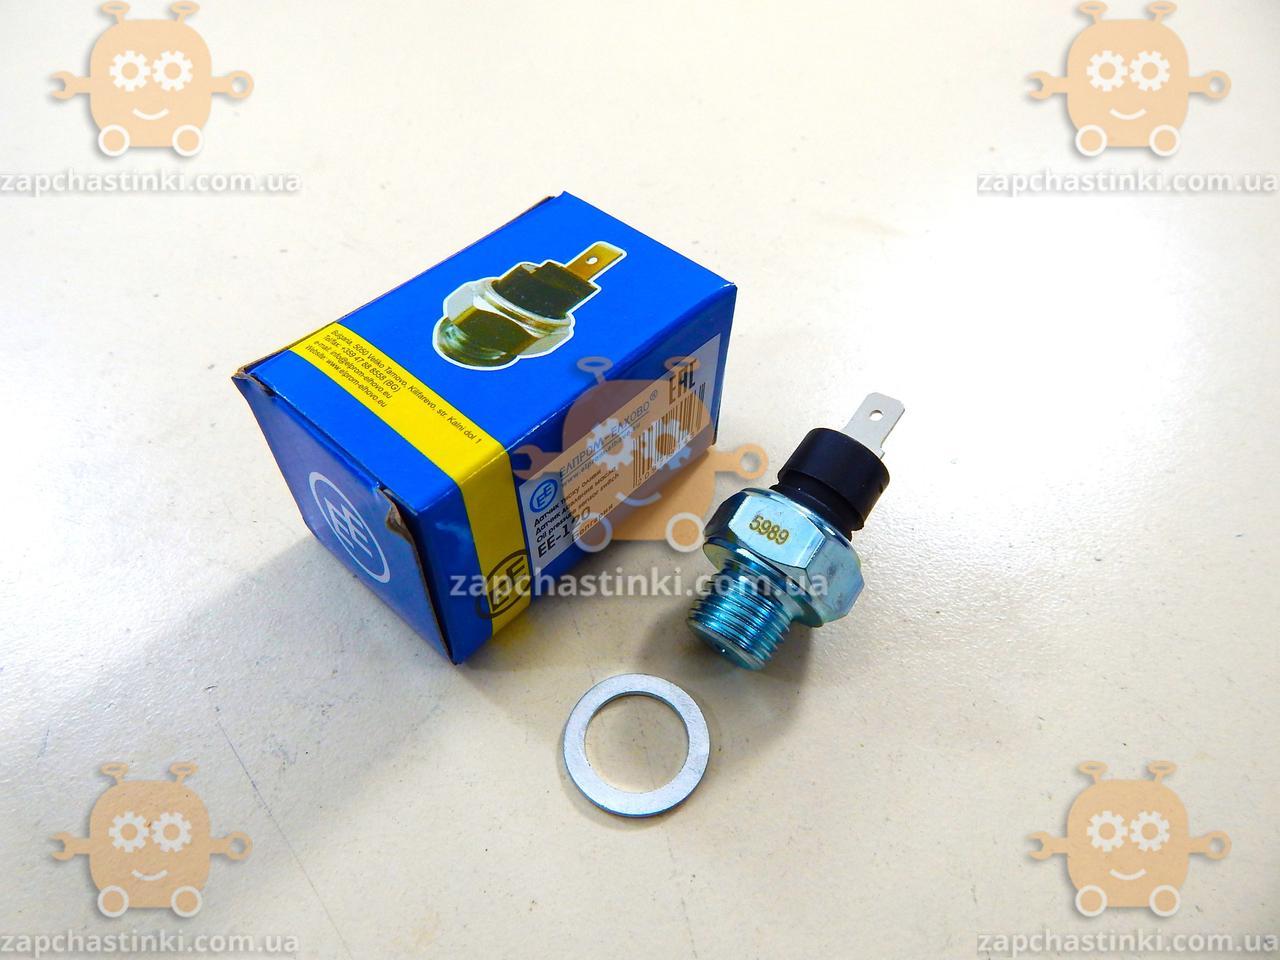 Датчик давления масла ВАЗ 2101 - 2107 (на лампочку) (пр-во Elprom Elhovo Болгария) ПД 91098